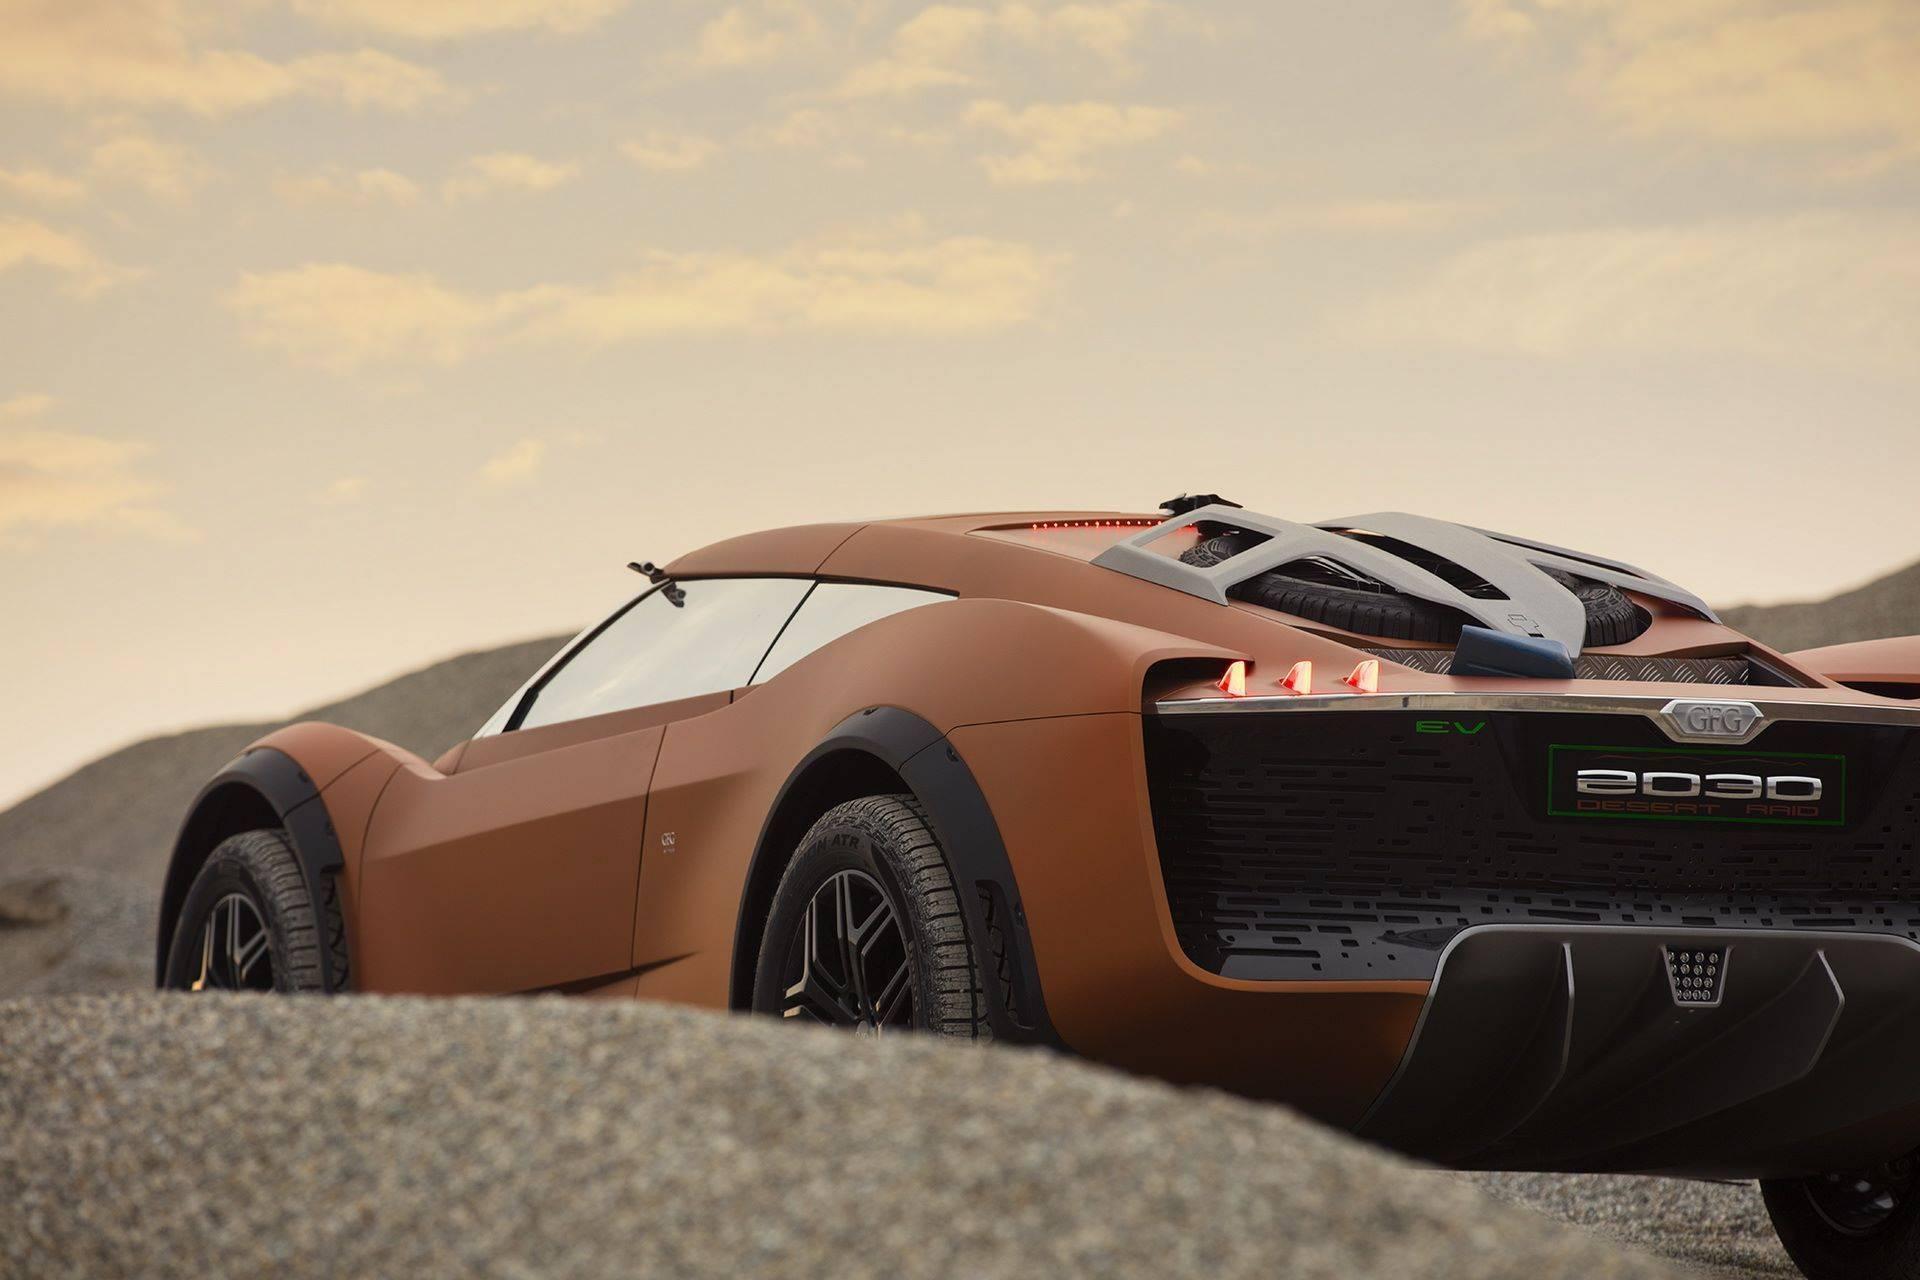 gfg-style-vision-2030-desert-raid-14